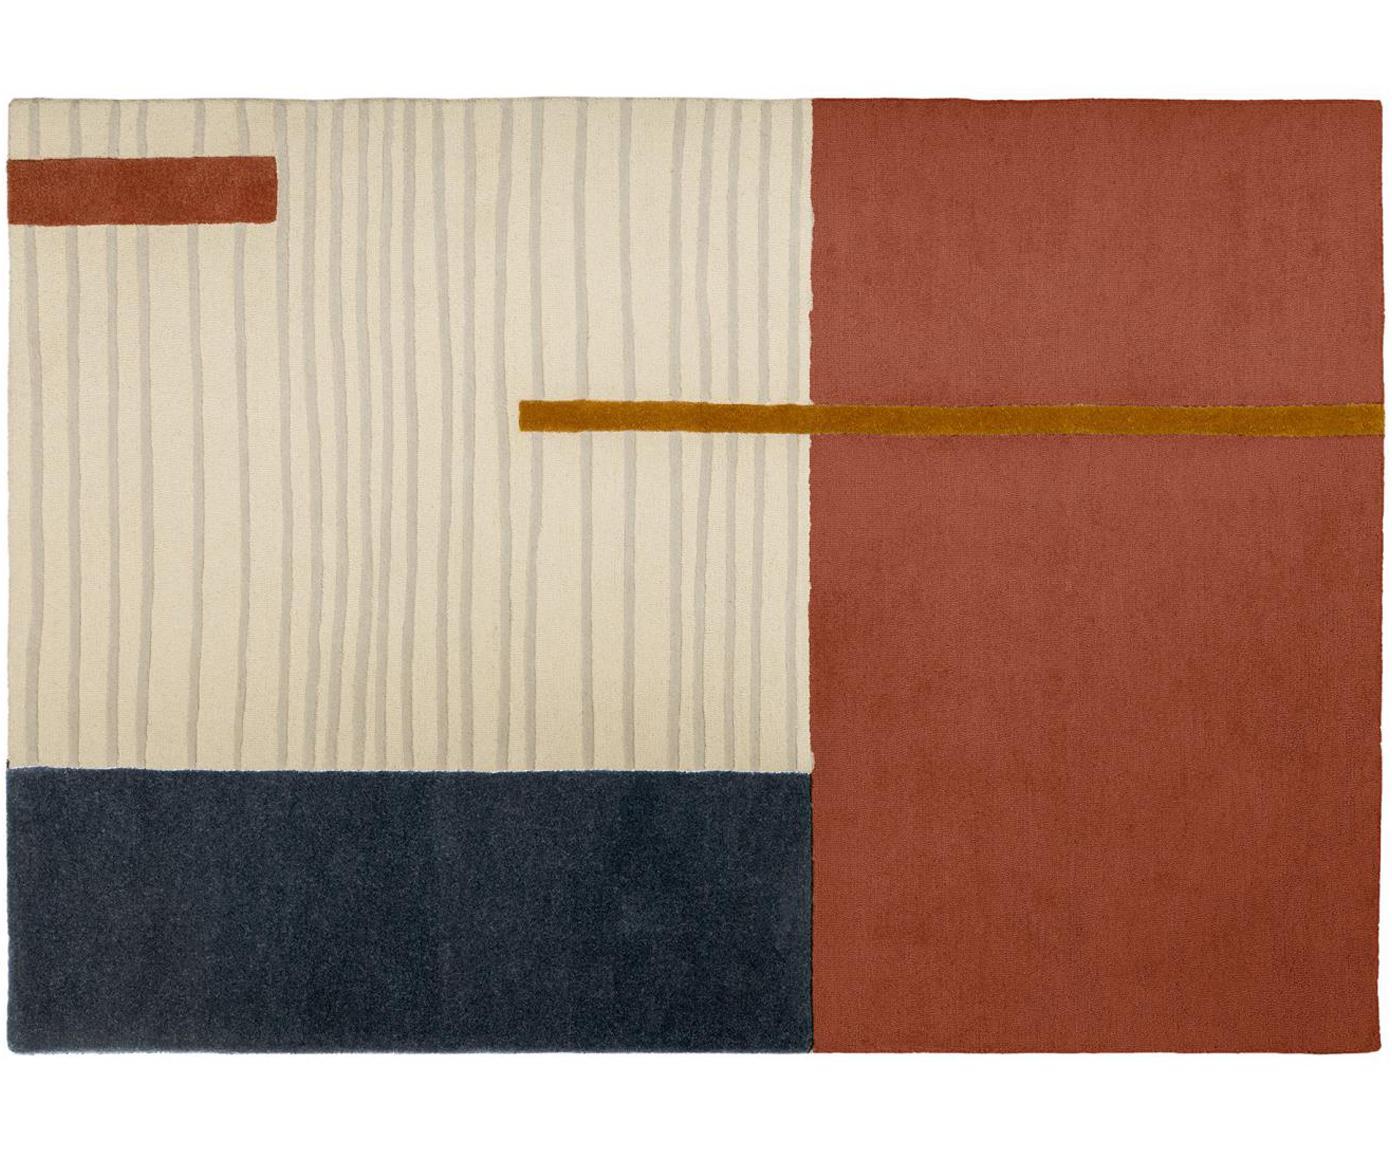 Wollteppich Bahiti mit geometrischem Muster, Mehrfarbig, B 160 x L 230 cm (Grösse M)